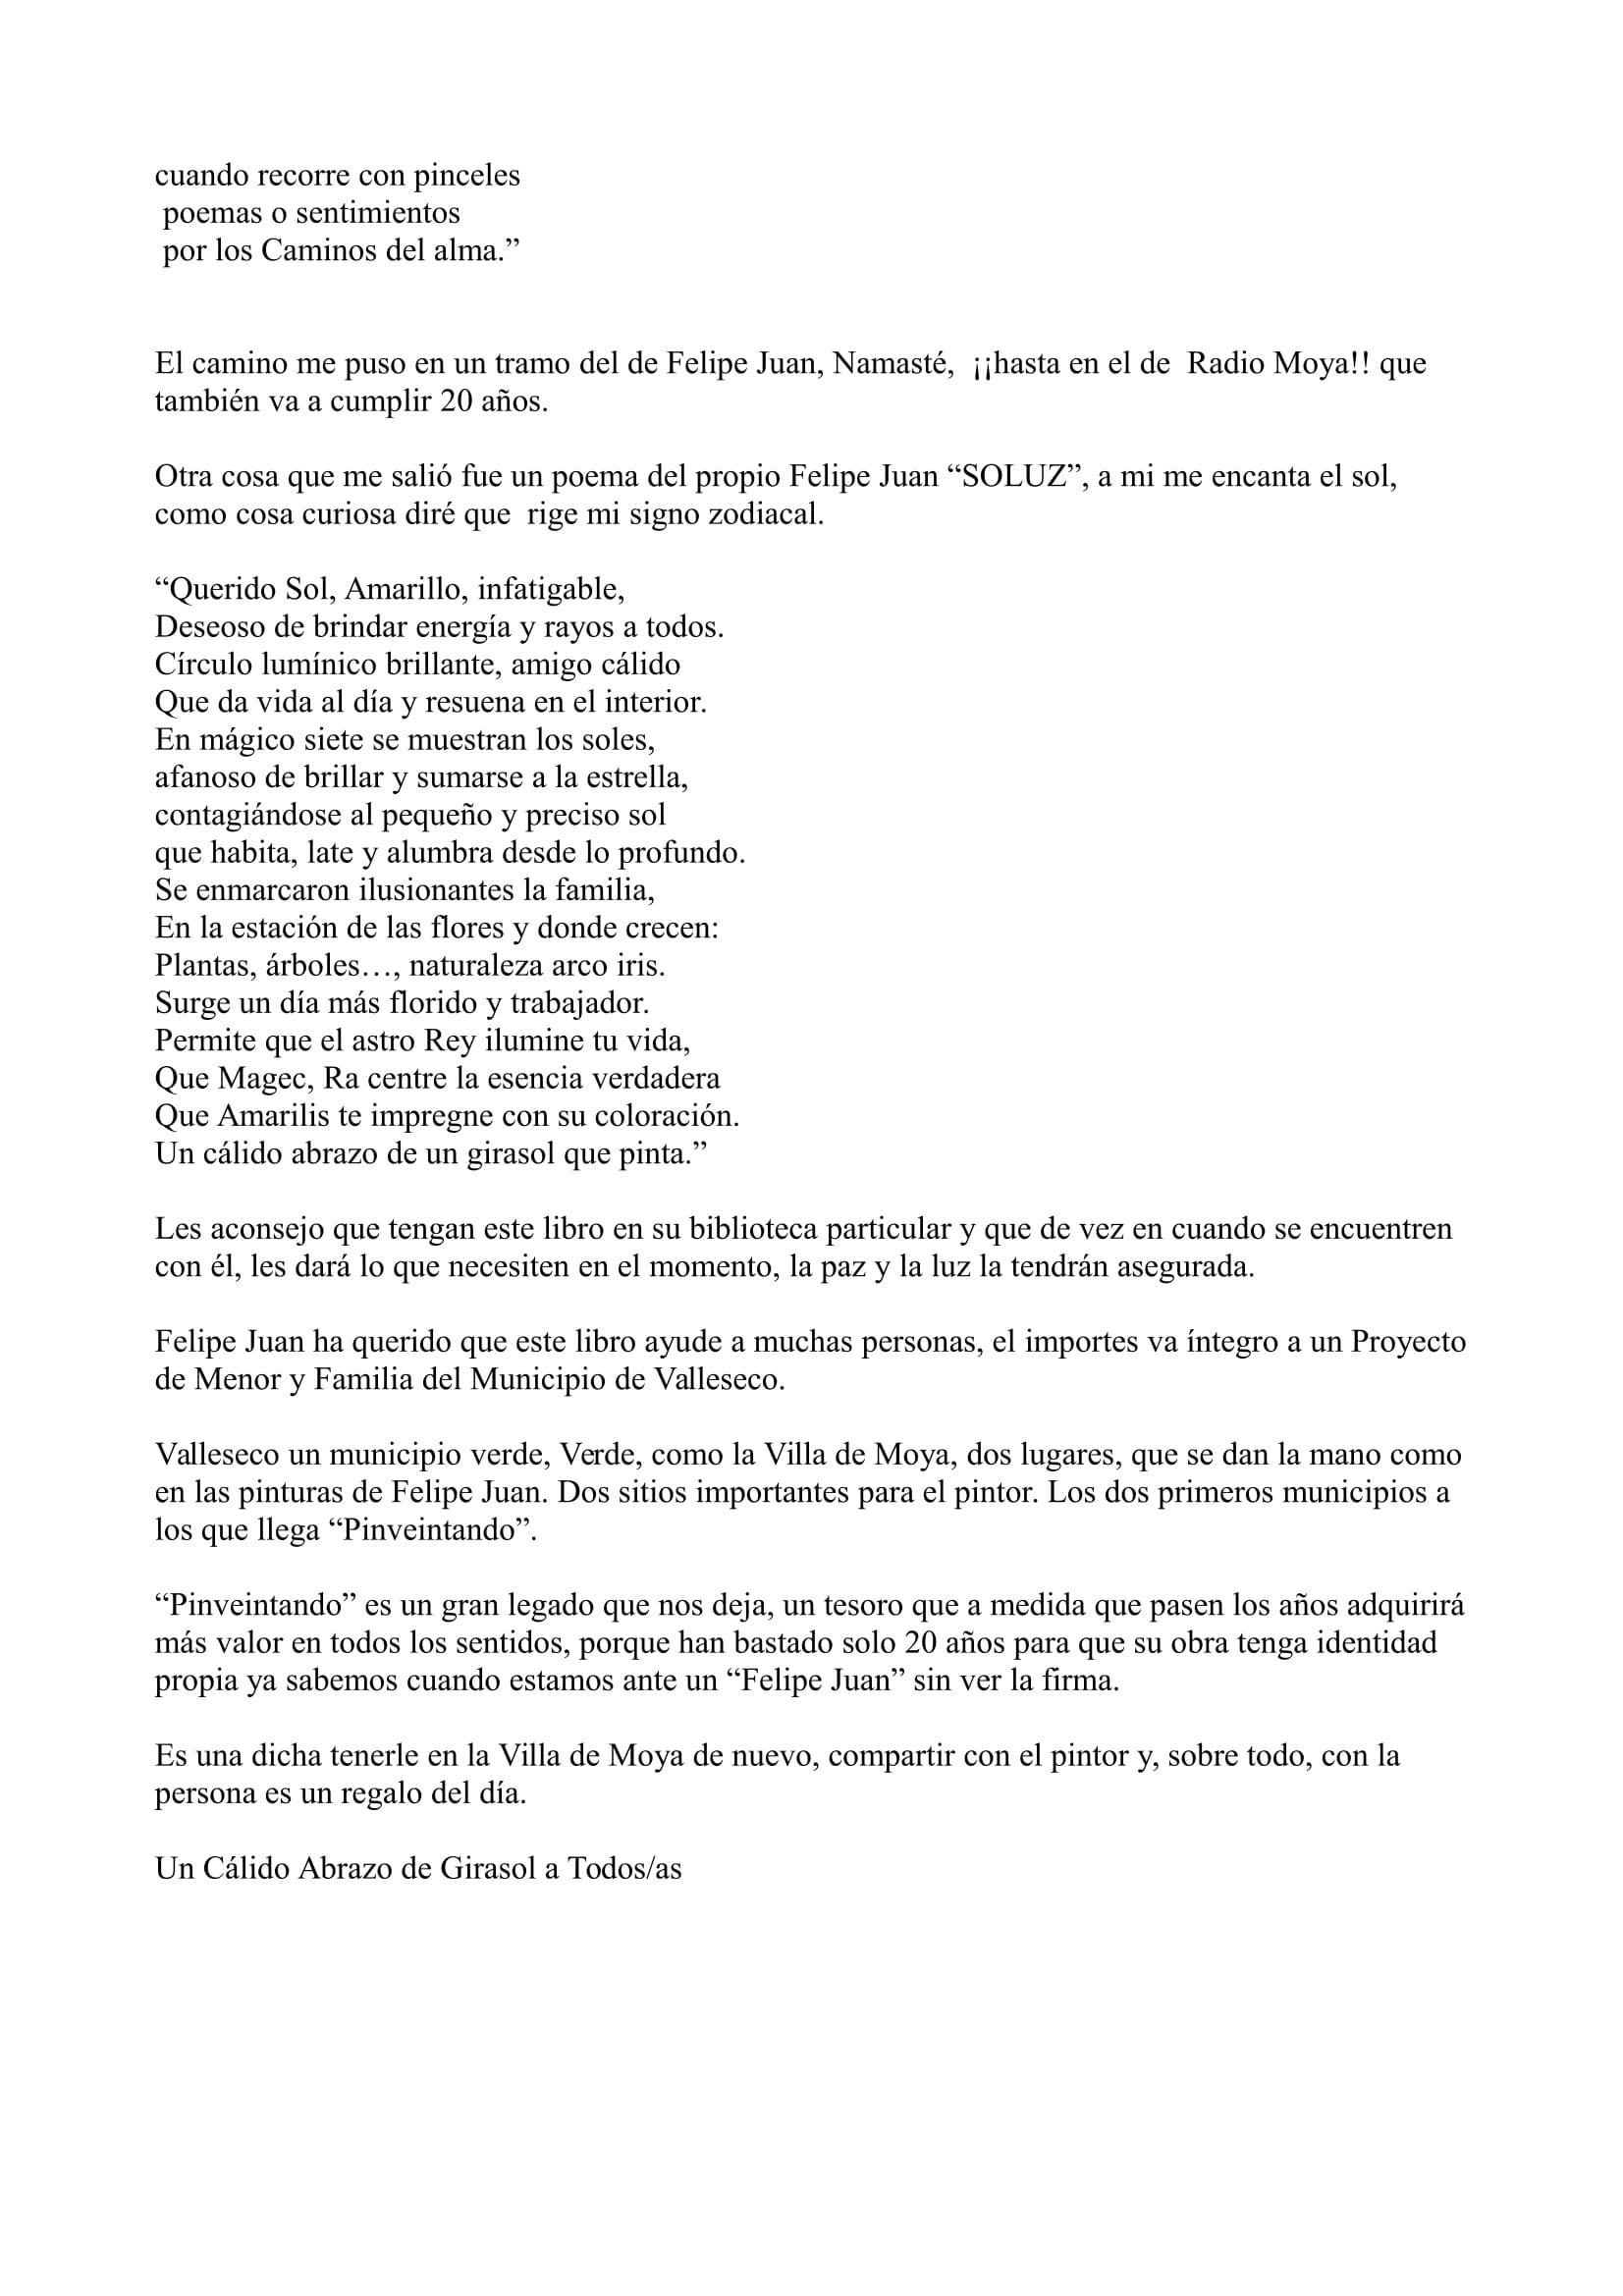 Textos Críticos_selecció_41 (2)